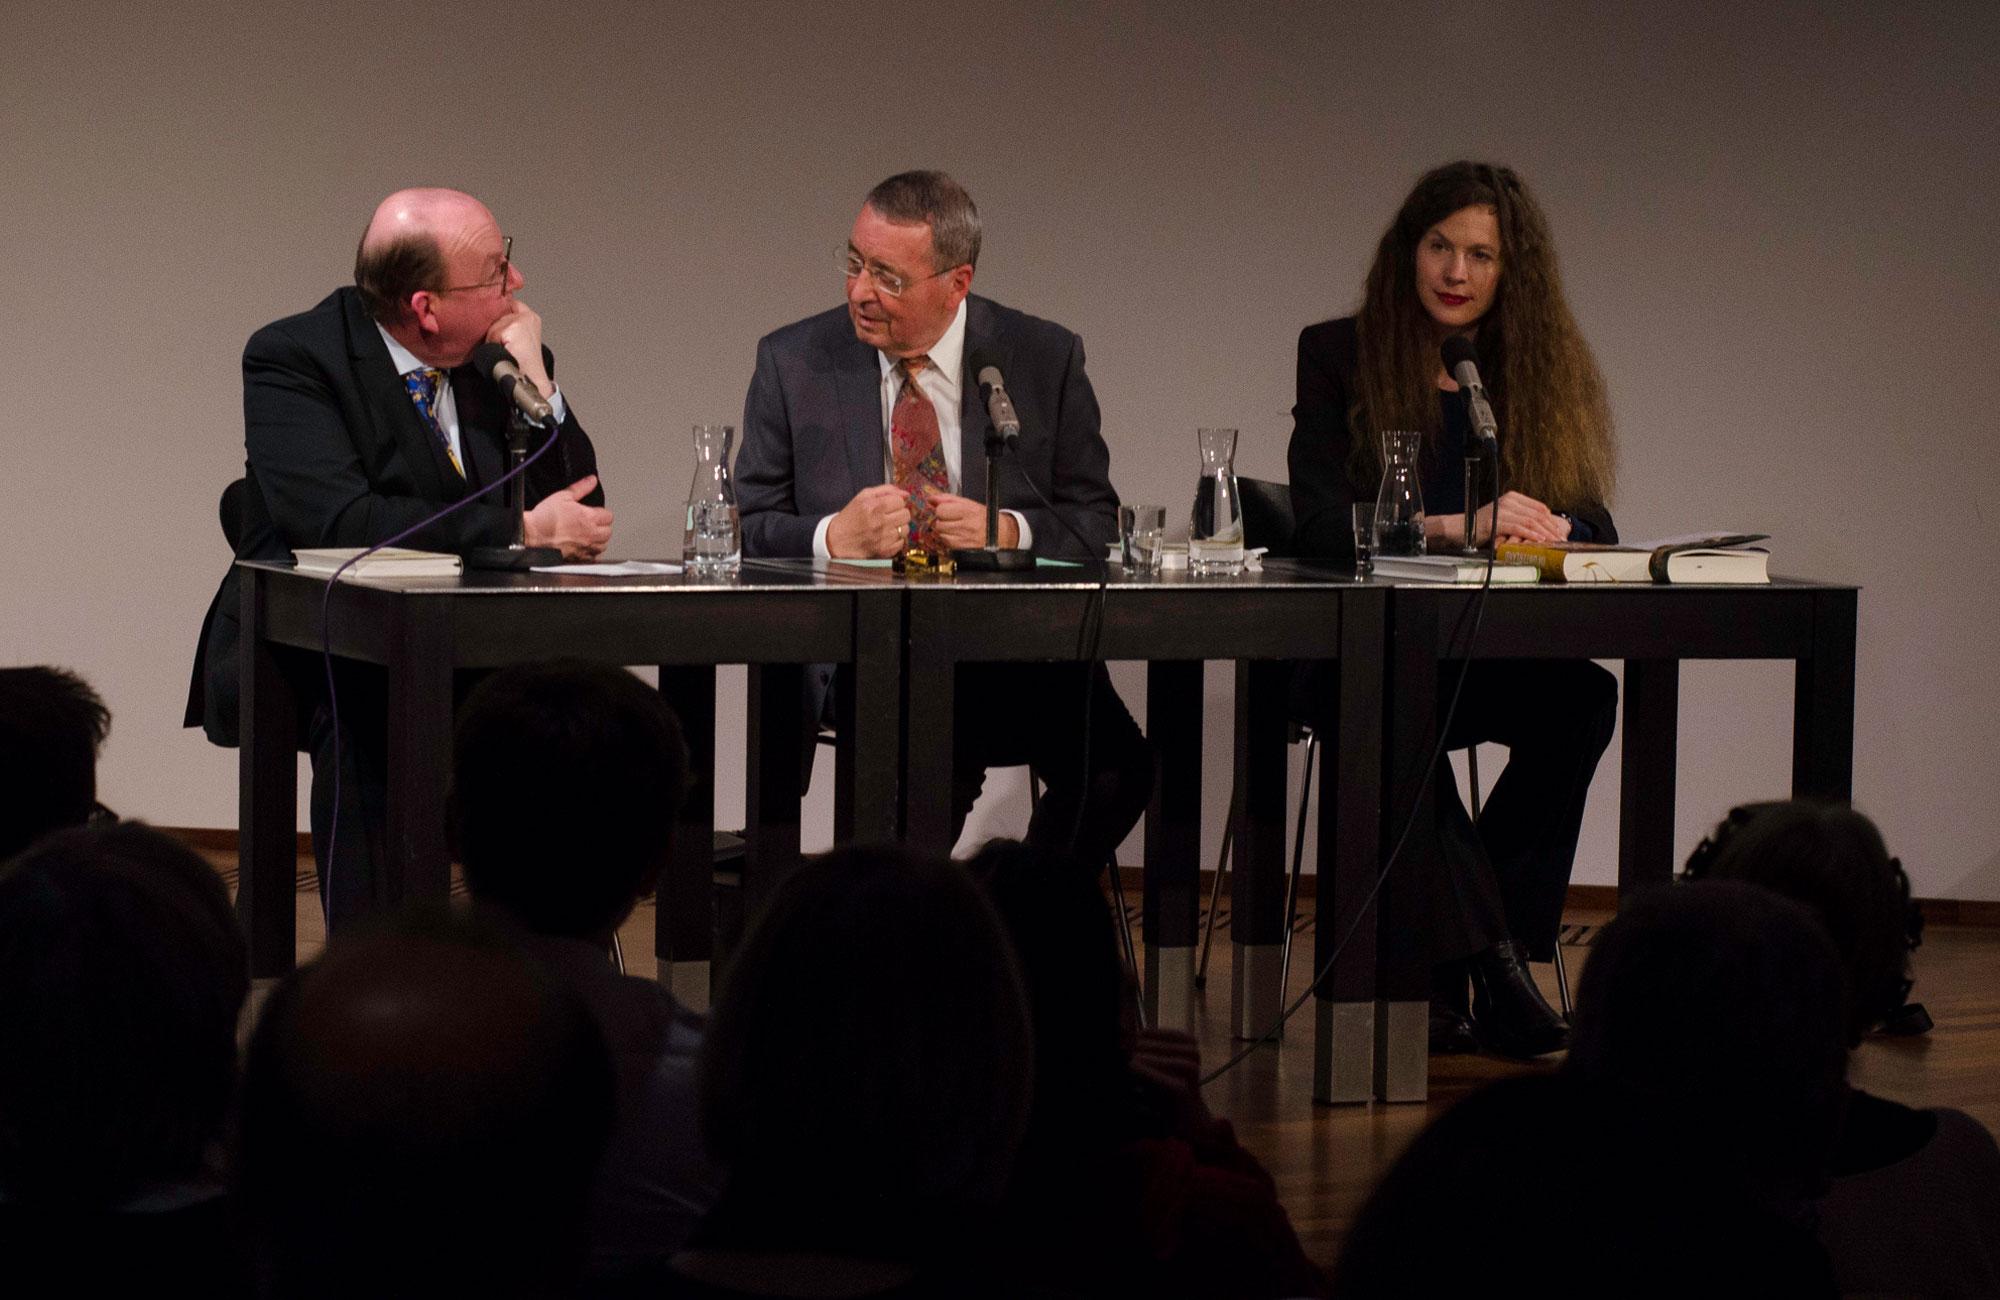 Karl-Heinz Göttert, Sandra Richter, Denis Scheck: Als die Natur noch sprach,                                                               Mittwoch, 18.12.19               /                   19.30              Uhr                               <br/>(c) Simon Adolphi